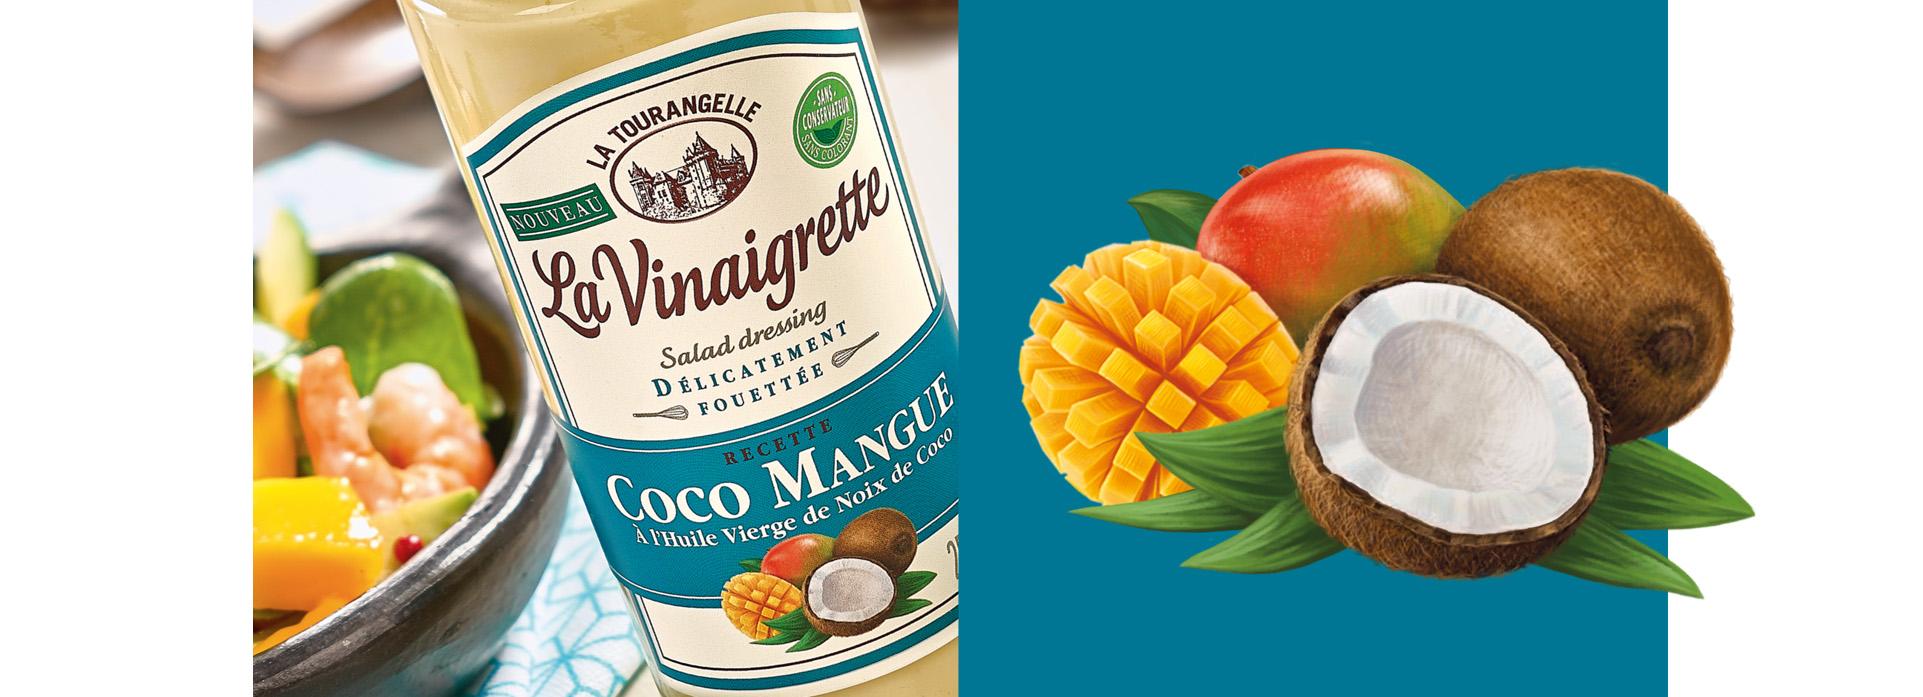 mangue coco Vinaigrette packaging la tourangelle VIKIU